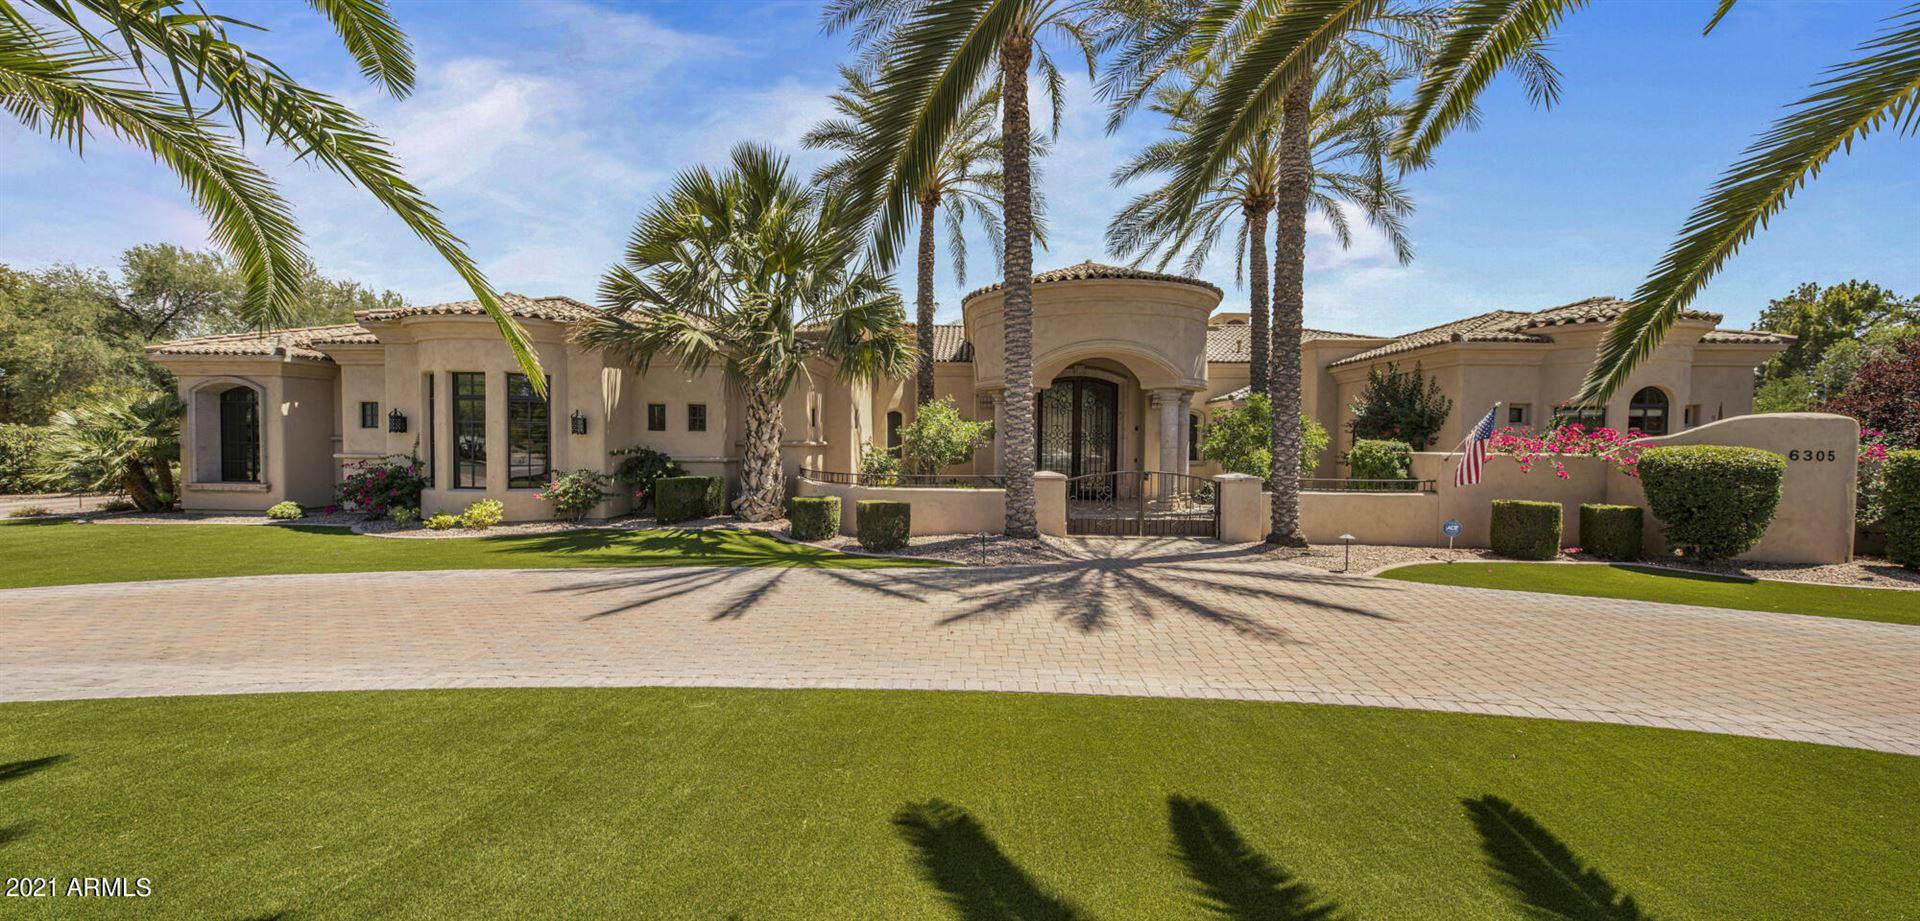 Photo of 6305 E Arabian Way, Paradise Valley, AZ 85253 (MLS # 6249574)